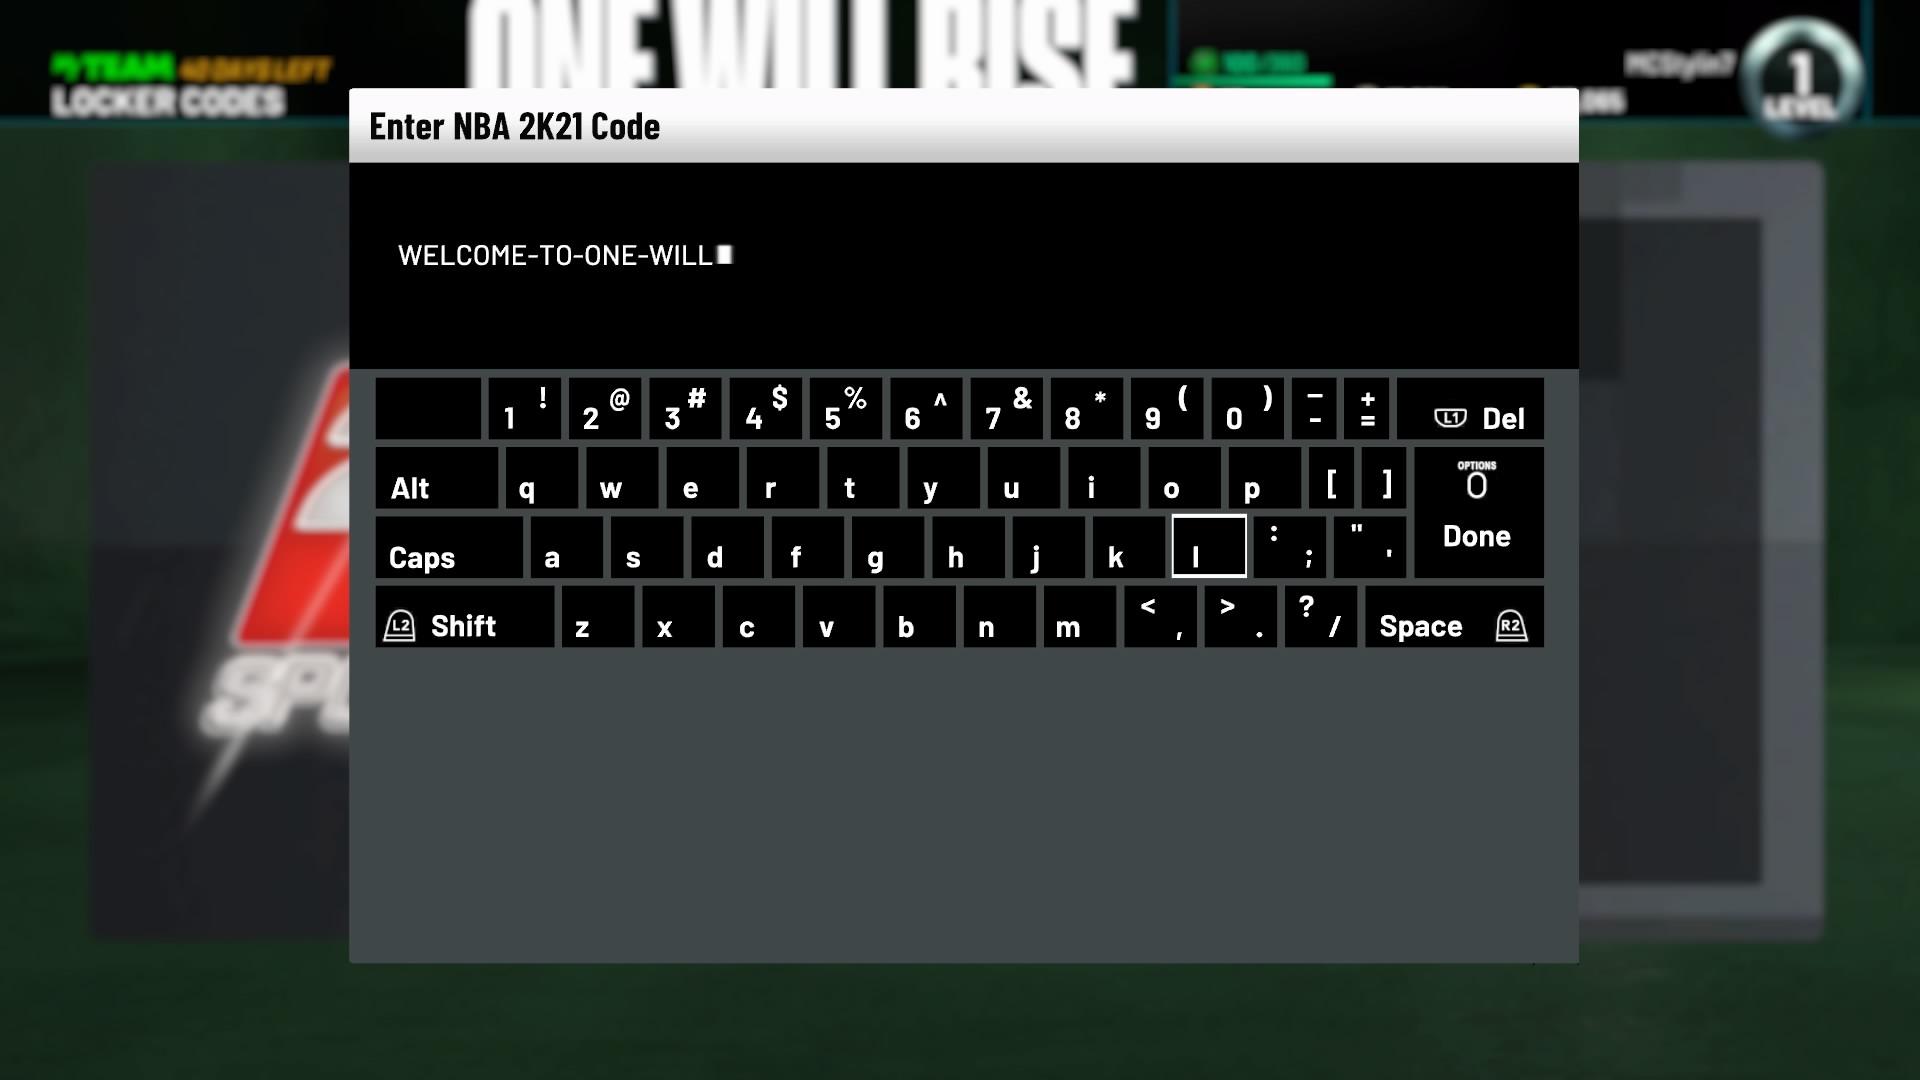 nba 2k21 locker code entry screen